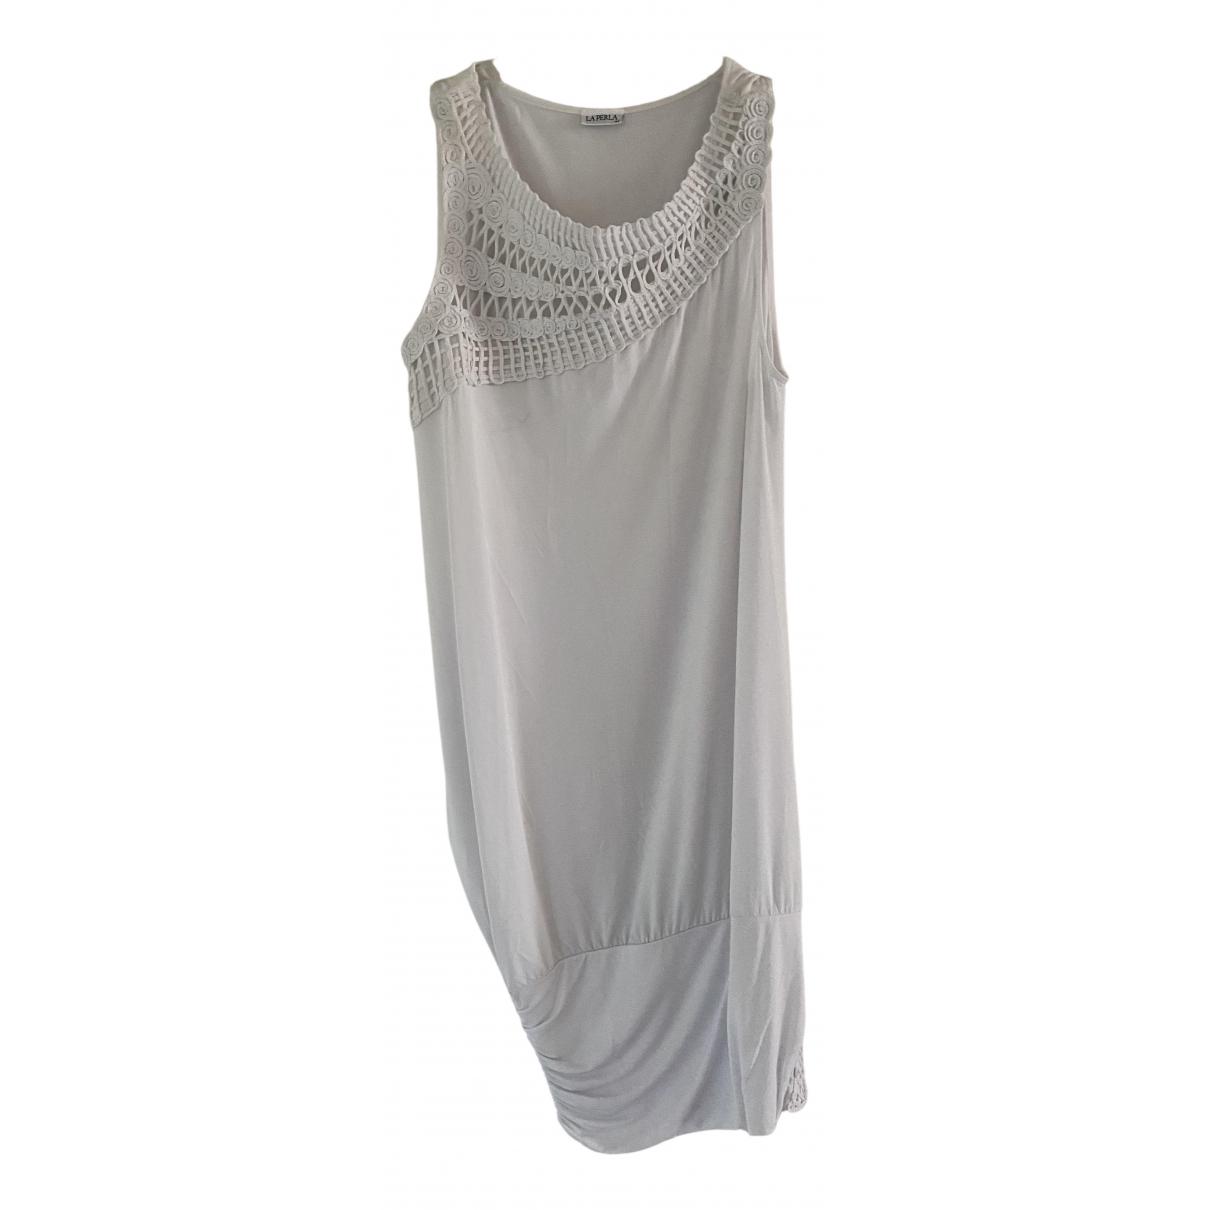 La Perla \N White dress for Women 44 IT